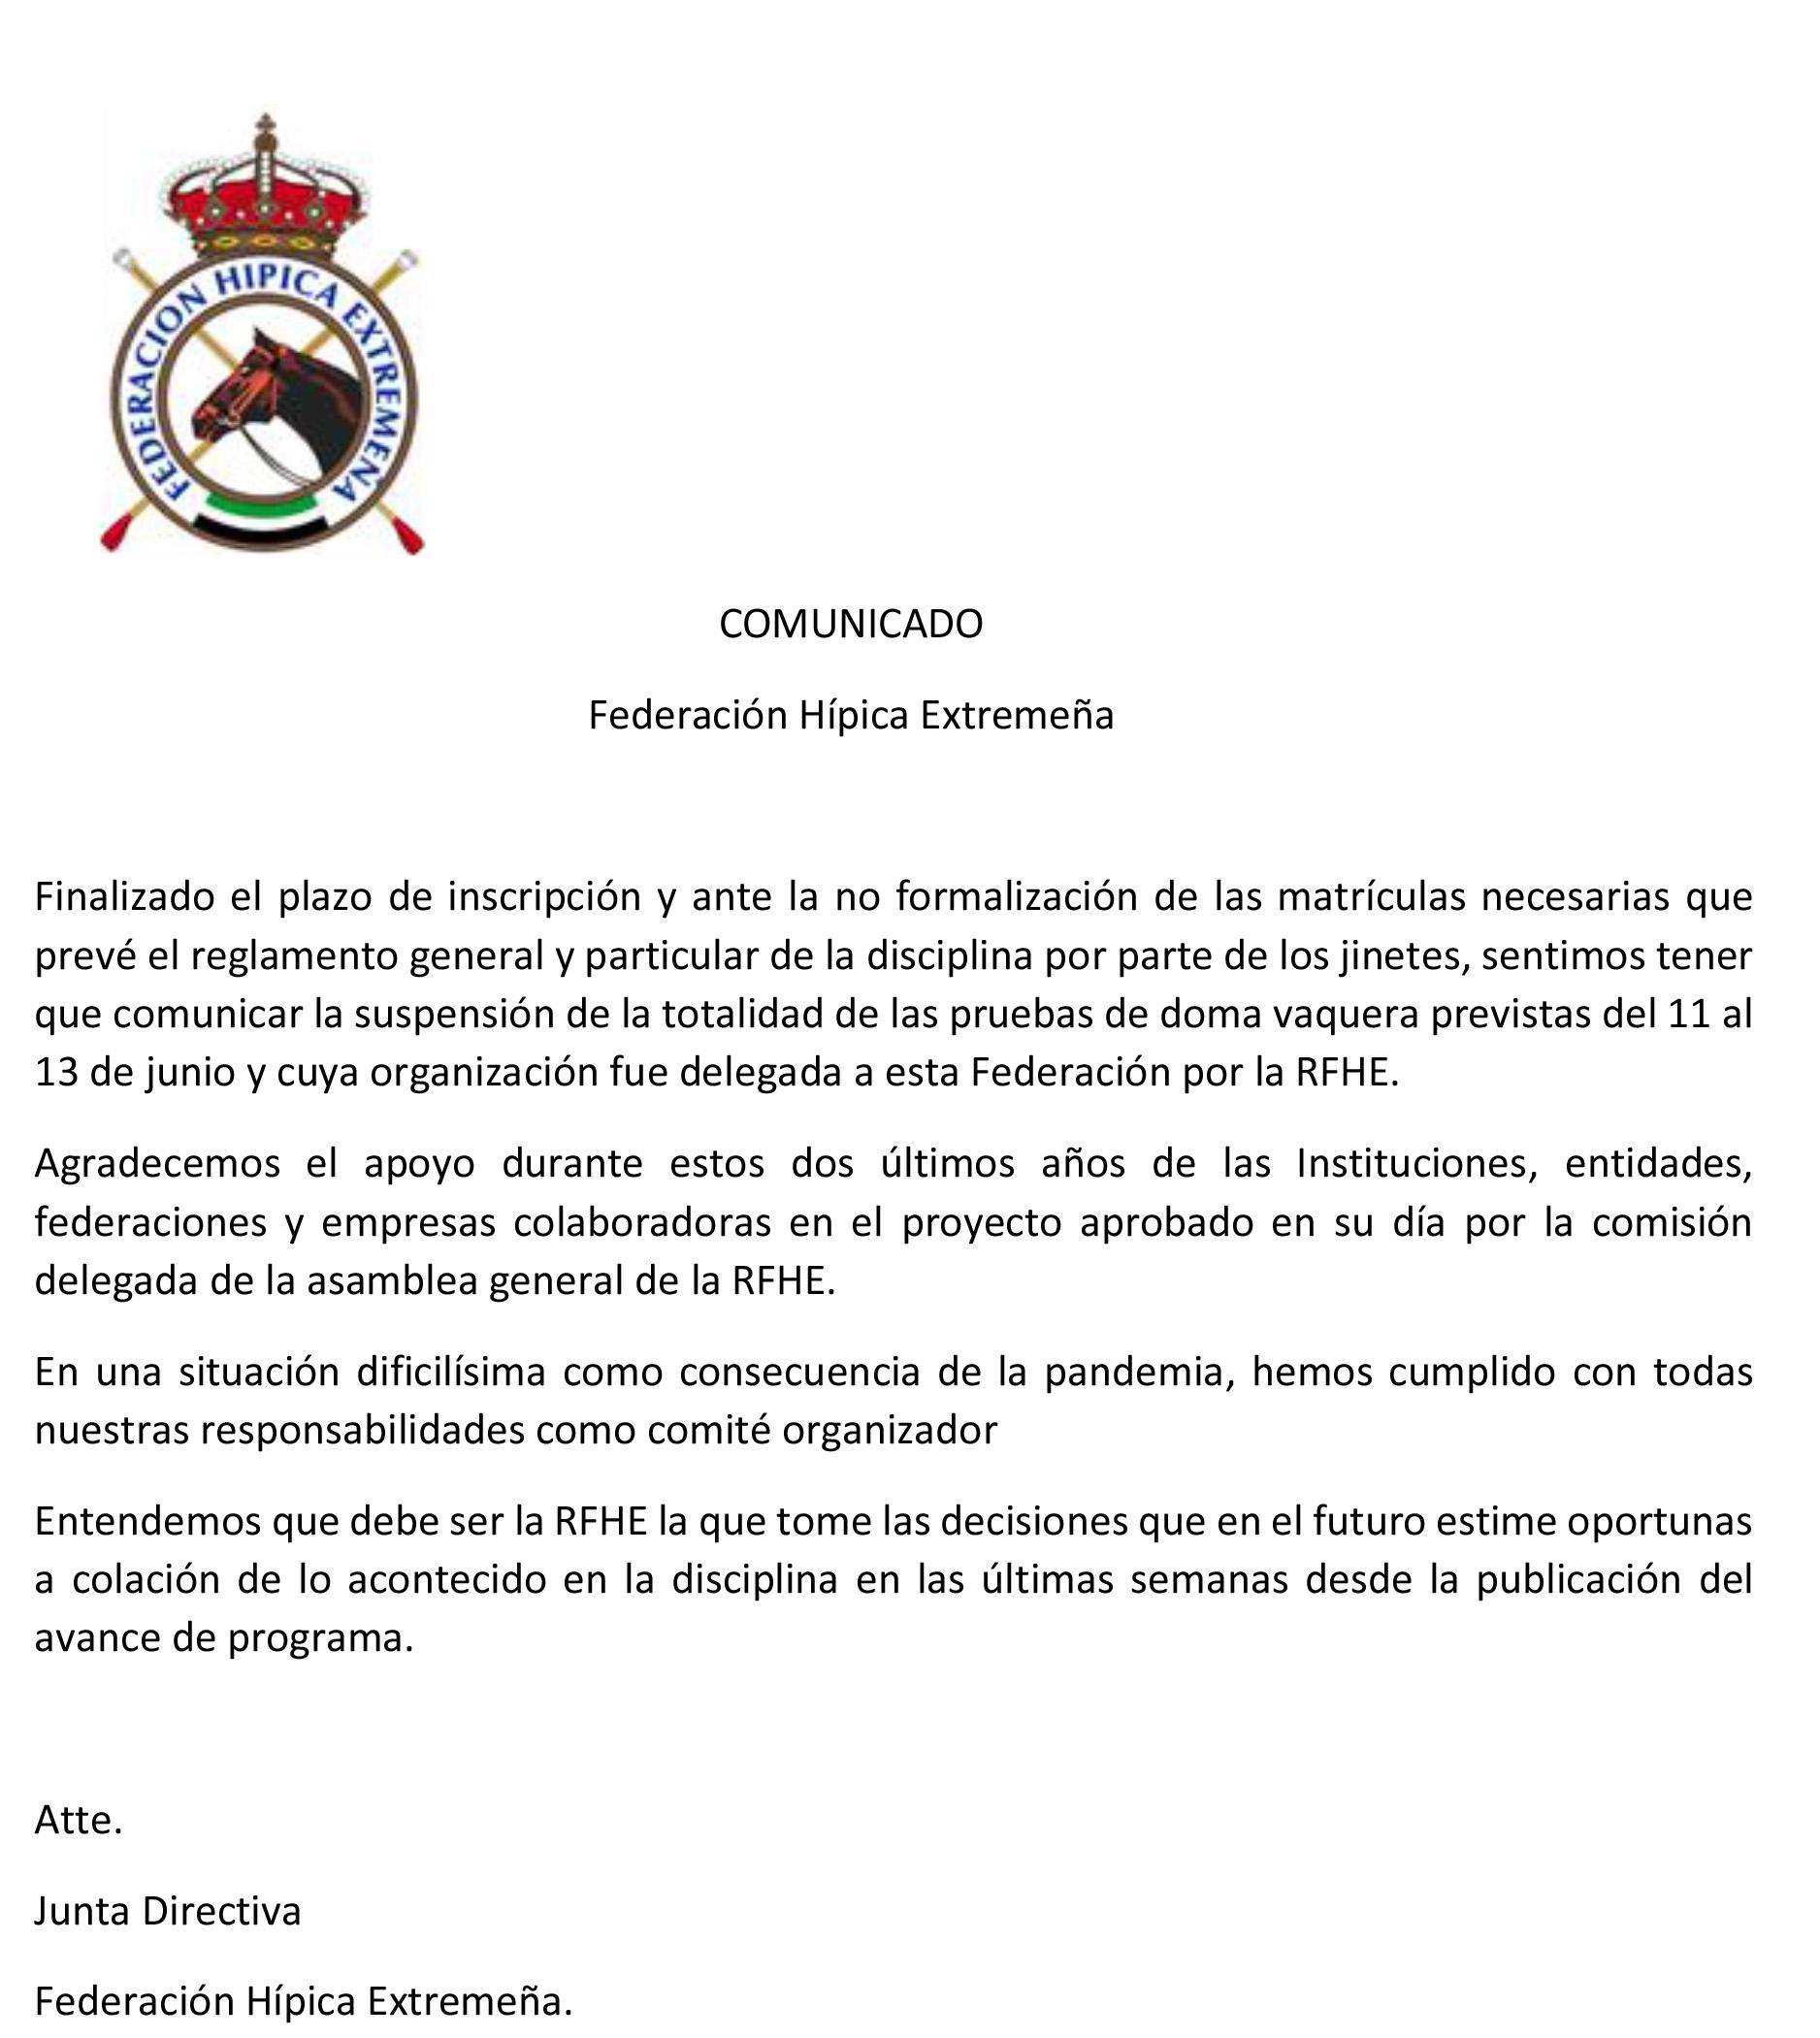 Comunicado Federación Hípica Extremeña